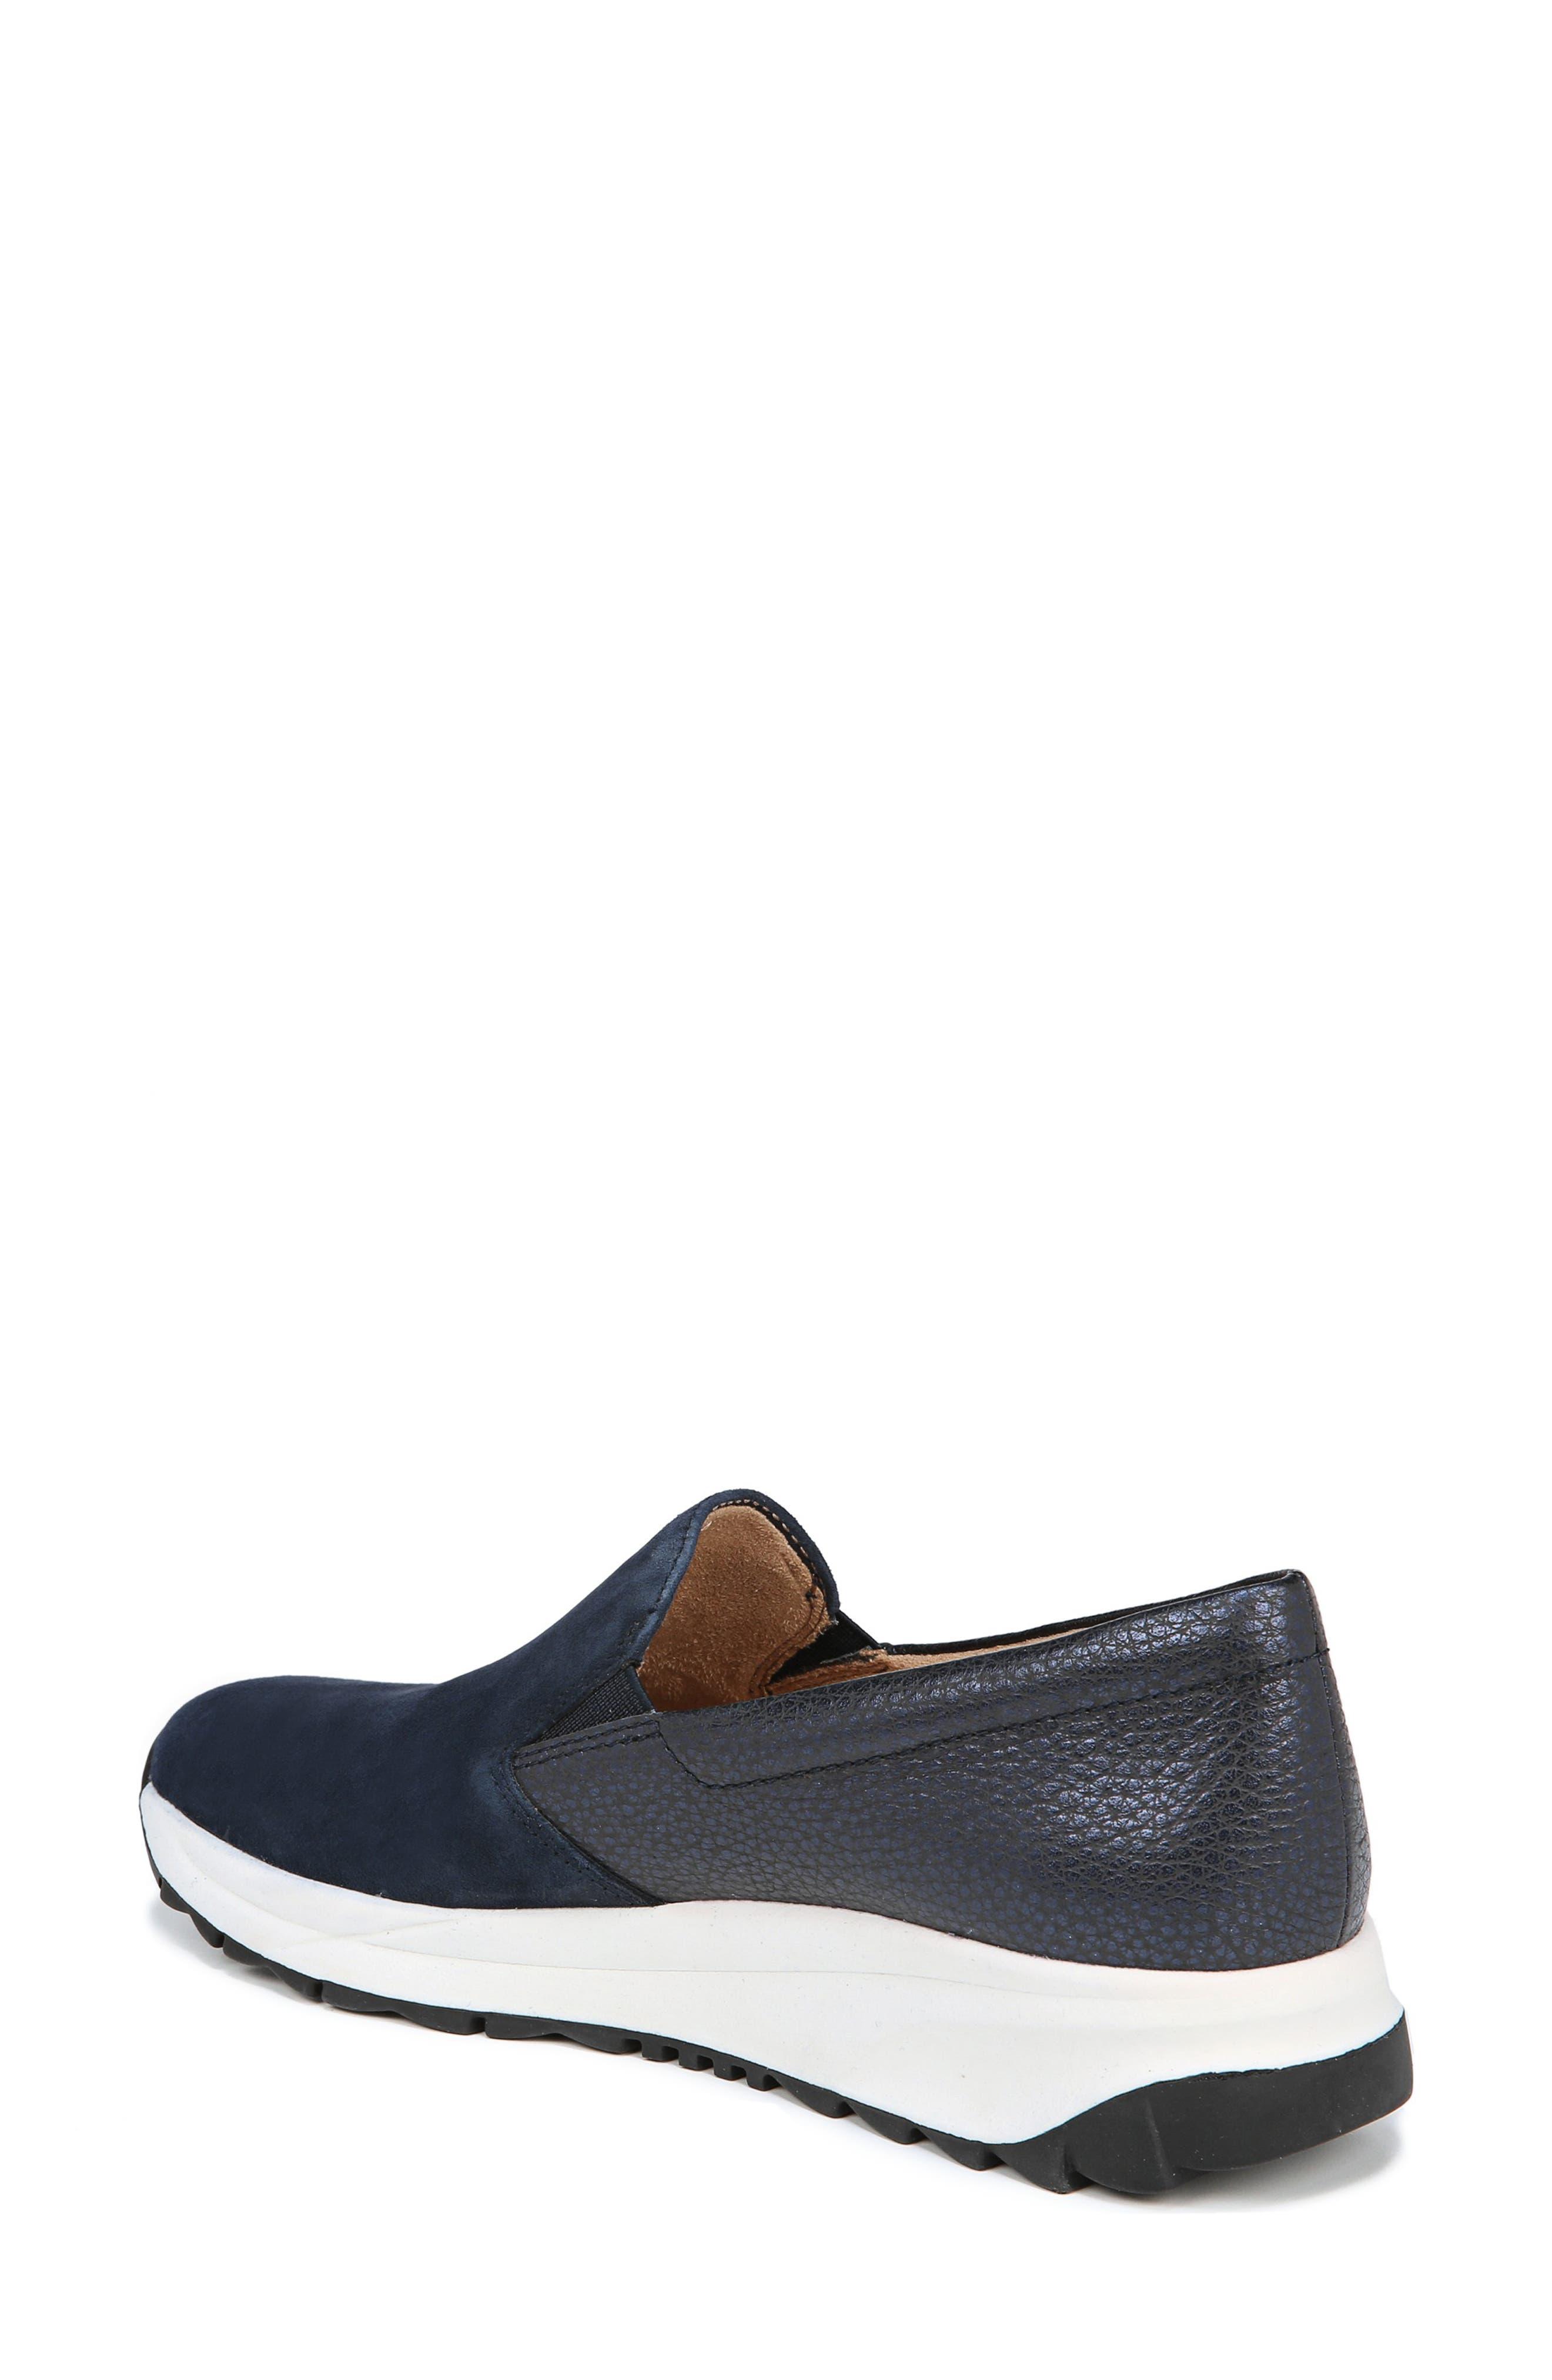 Selah Slip-On Sneaker,                             Alternate thumbnail 2, color,                             INKY NAVY SUEDE